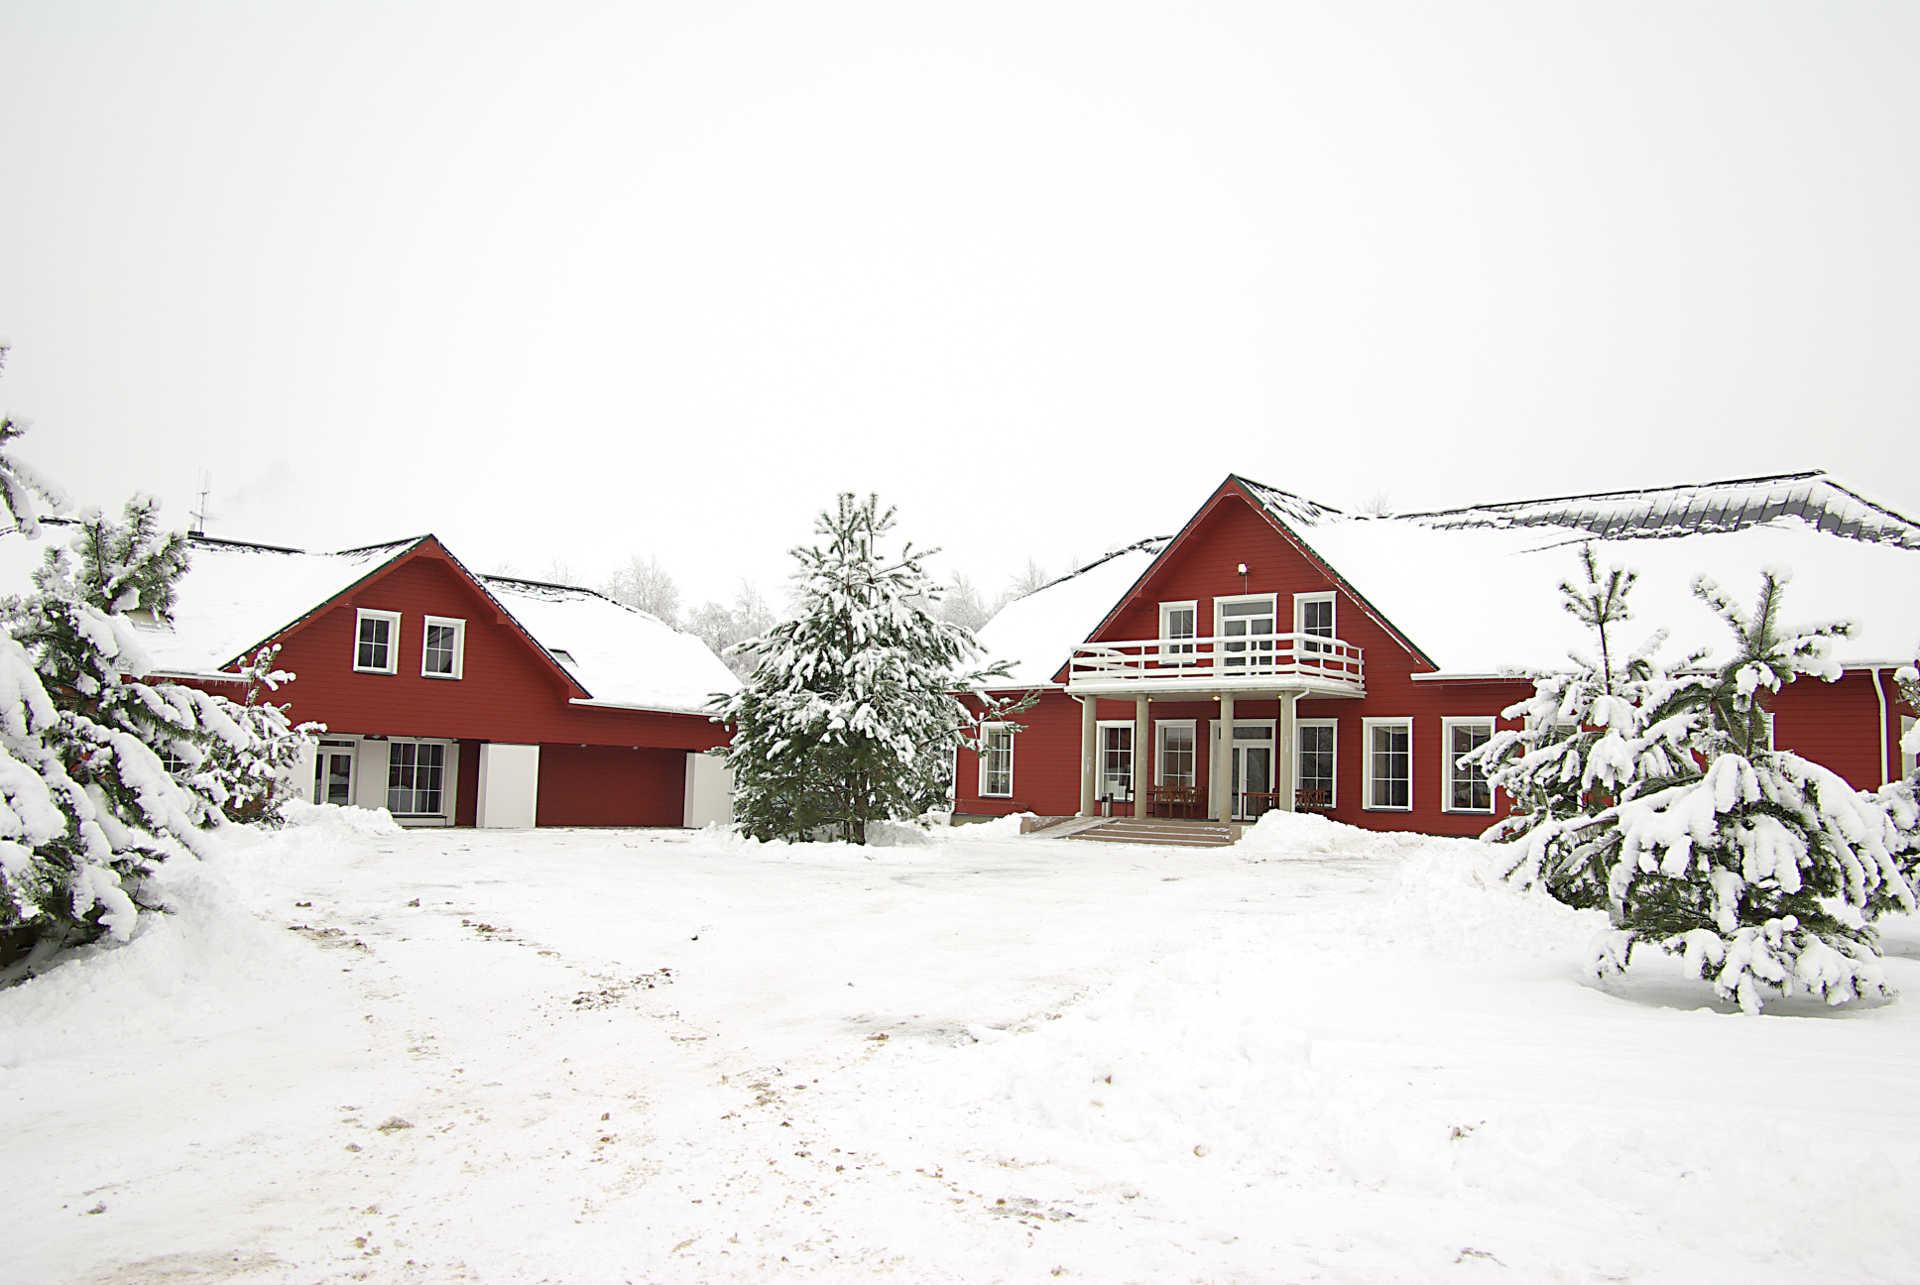 Svečių namai žiemą | Kernavės bajorynė